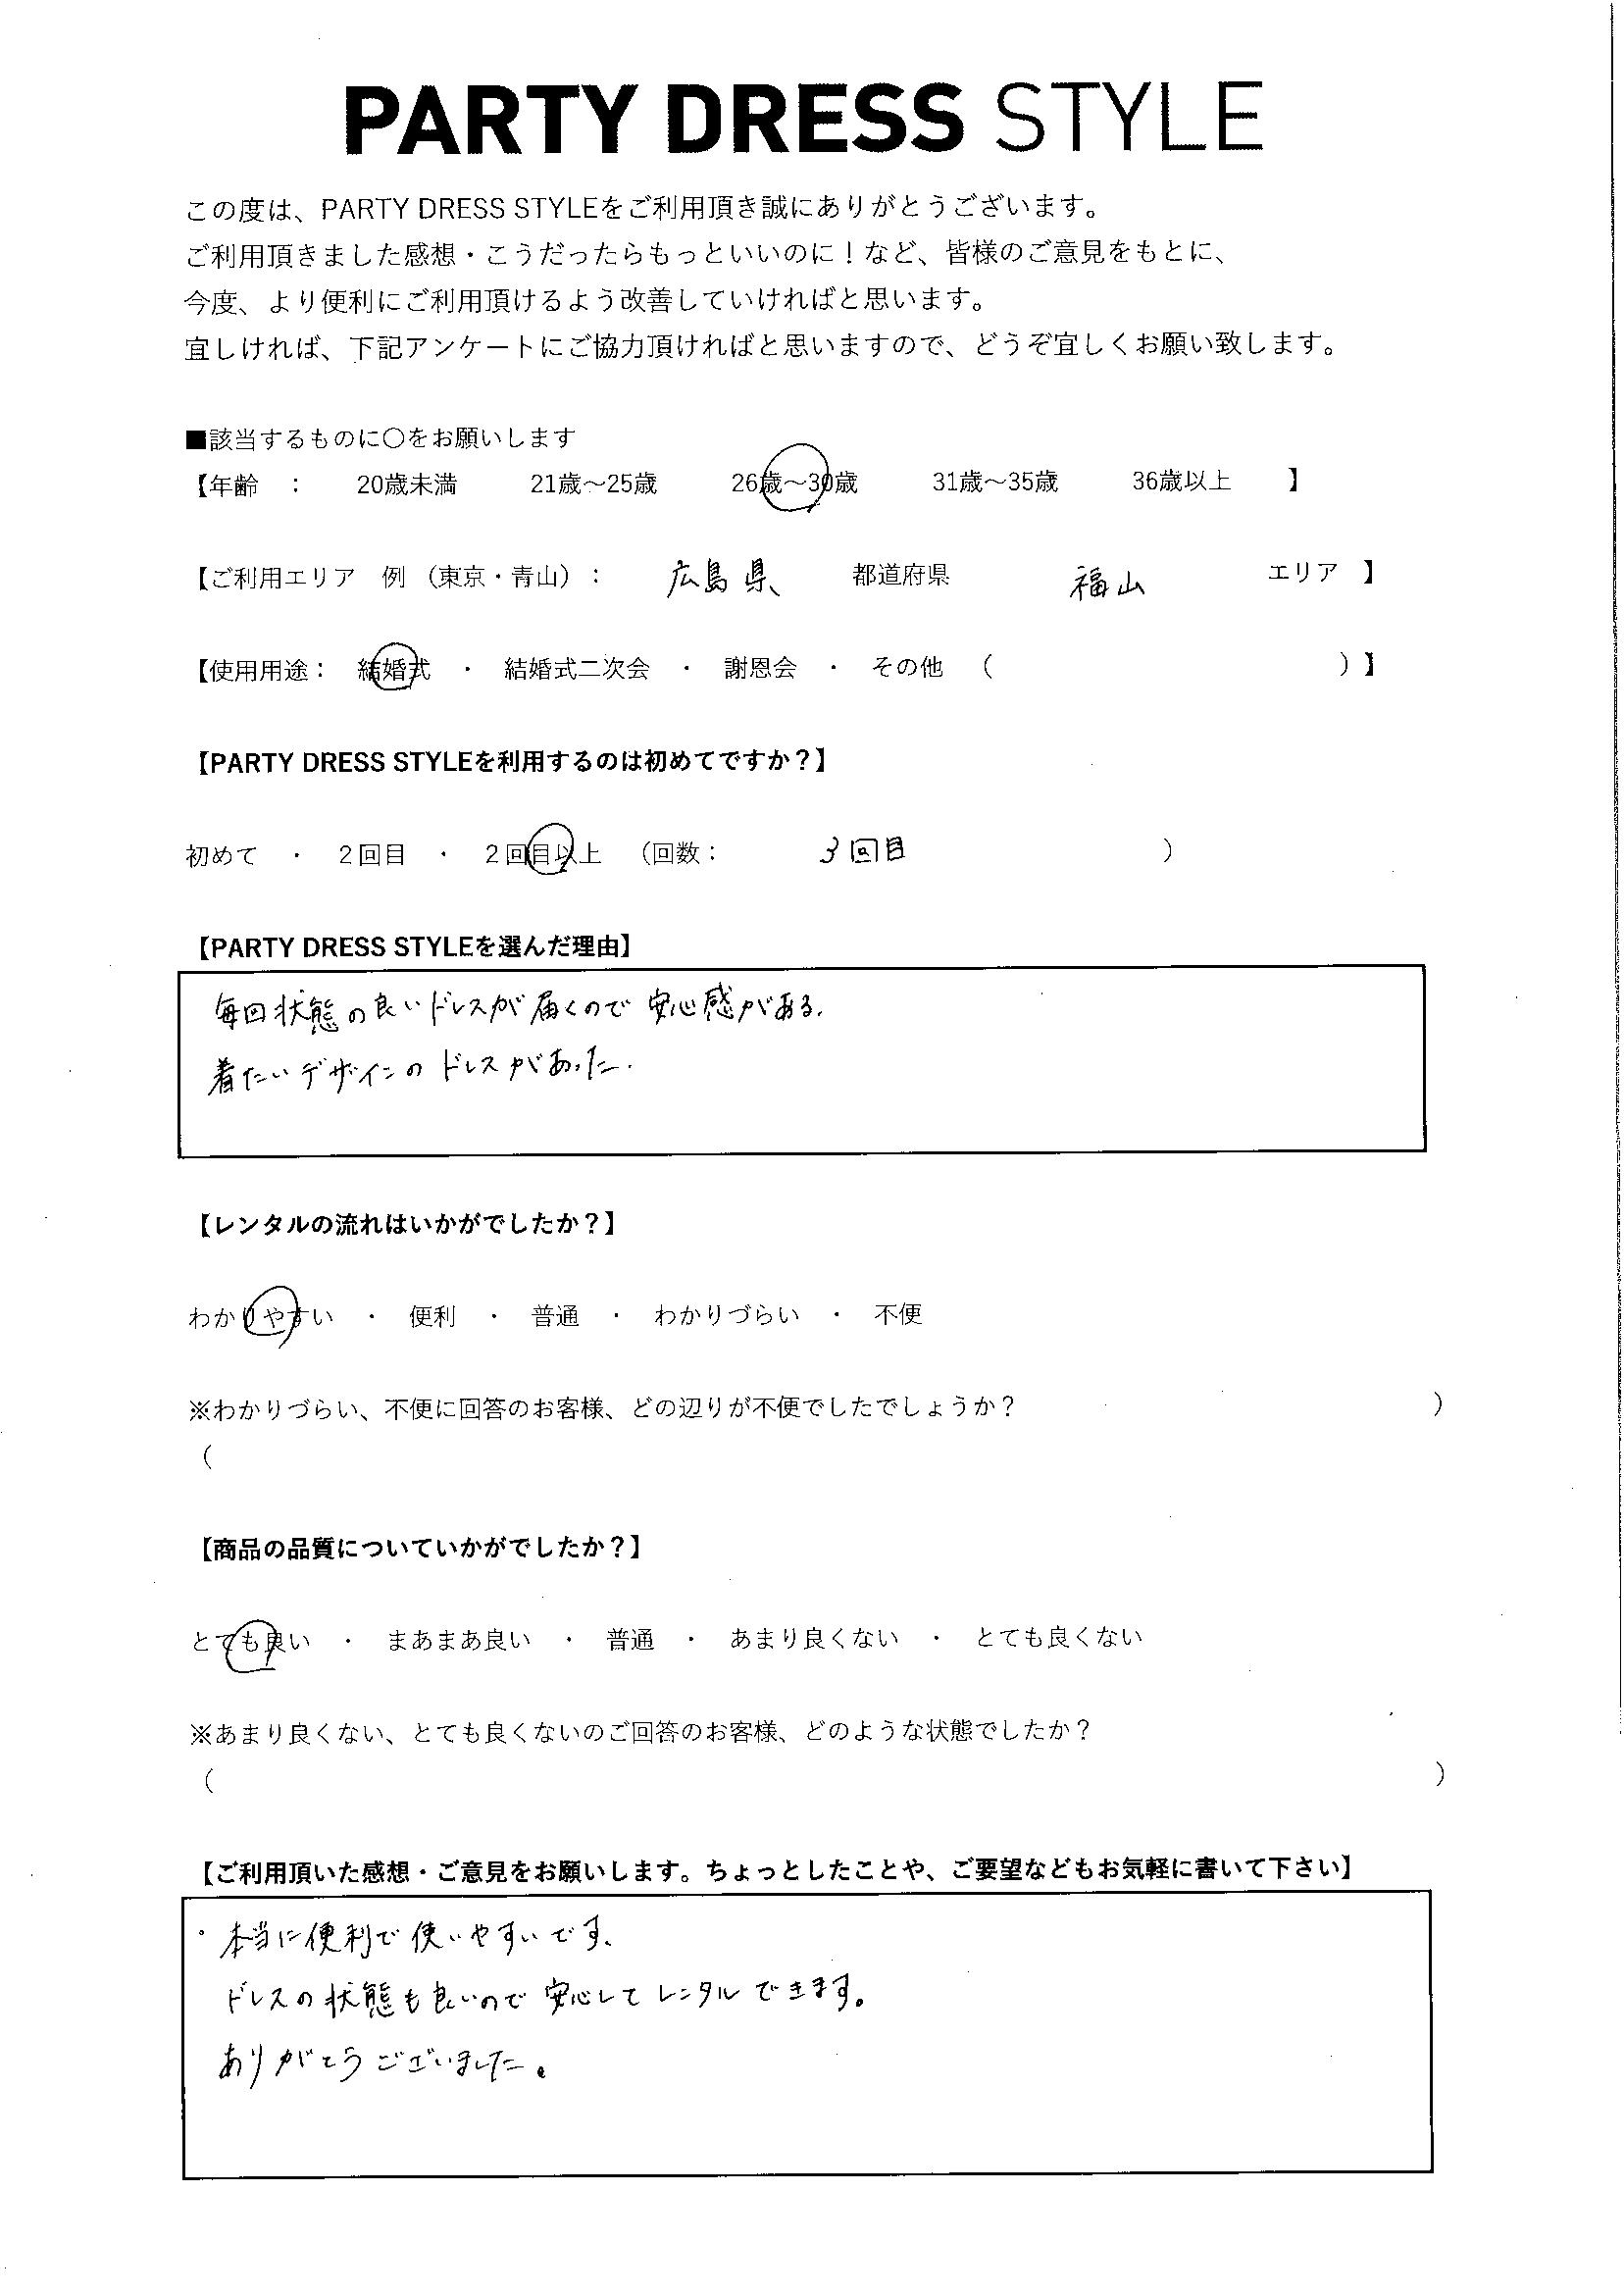 2/20結婚式ご利用 広島・福山エリア